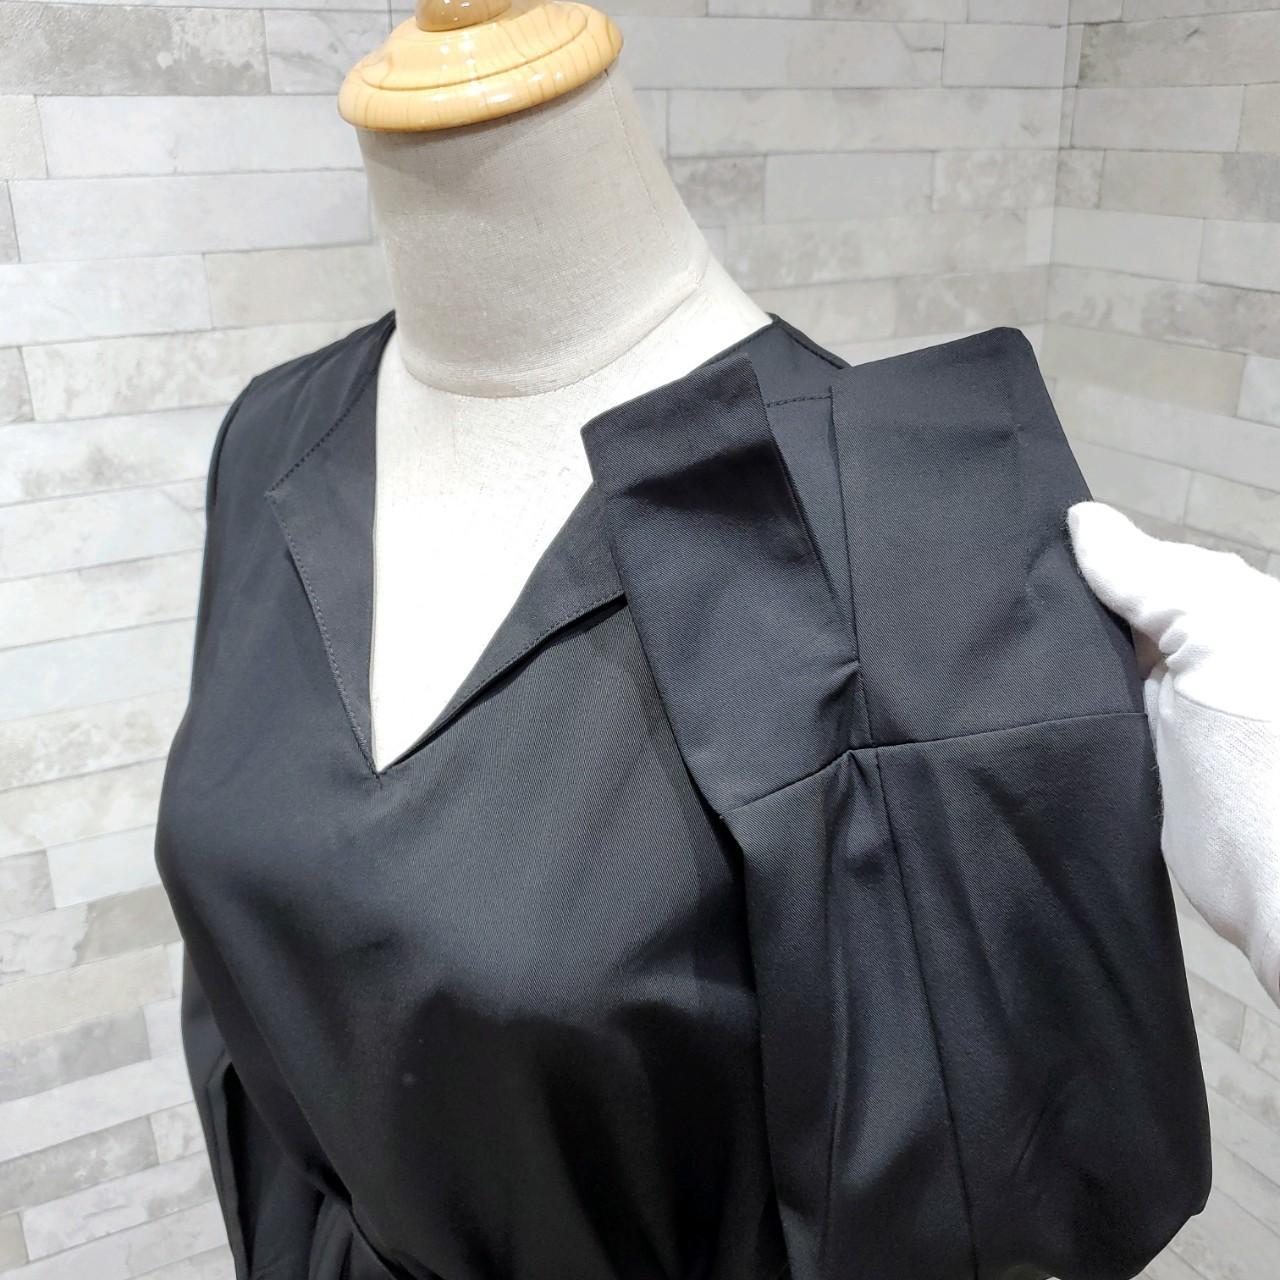 韓国 ファッション ワンピース 春 秋 冬 カジュアル PTXH448  とろみ素材 アシンメトリー ベーシック 着回し オルチャン シンプル 定番 セレカジの写真17枚目